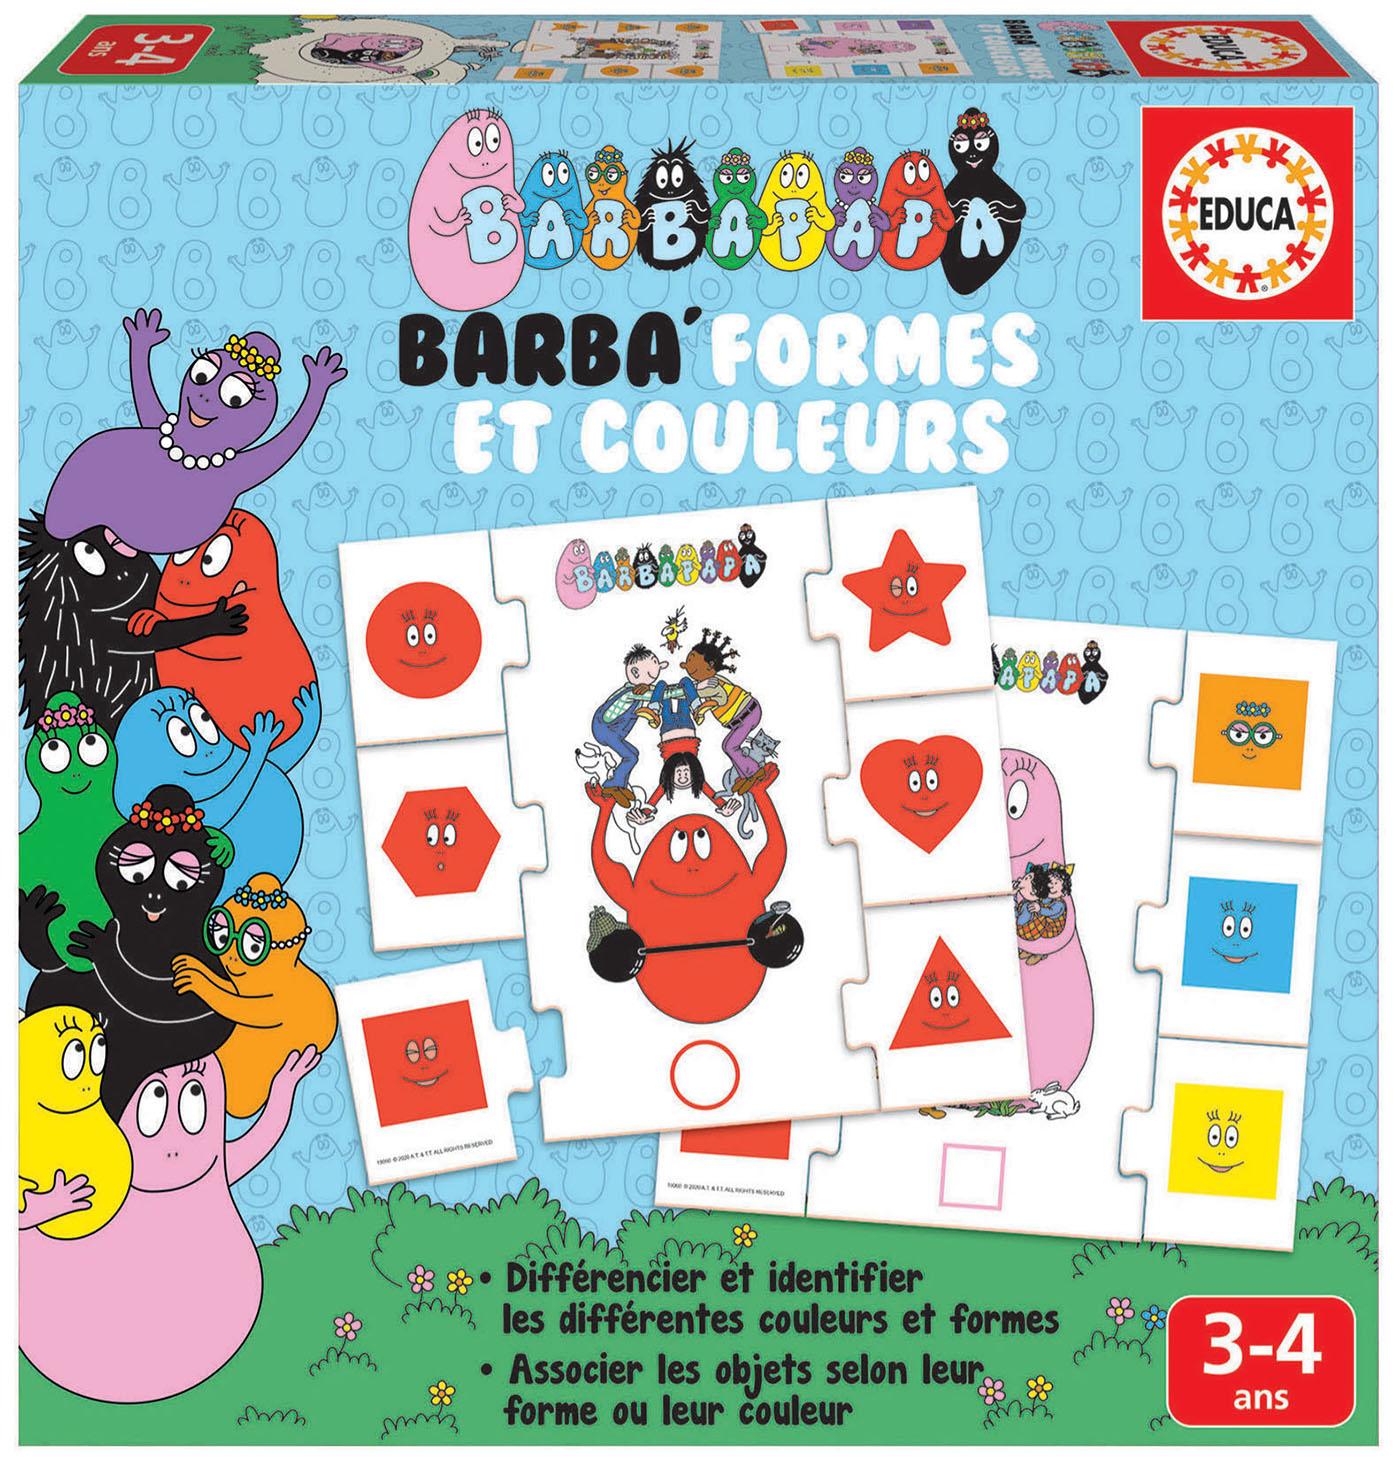 Barba'formes et couleurs